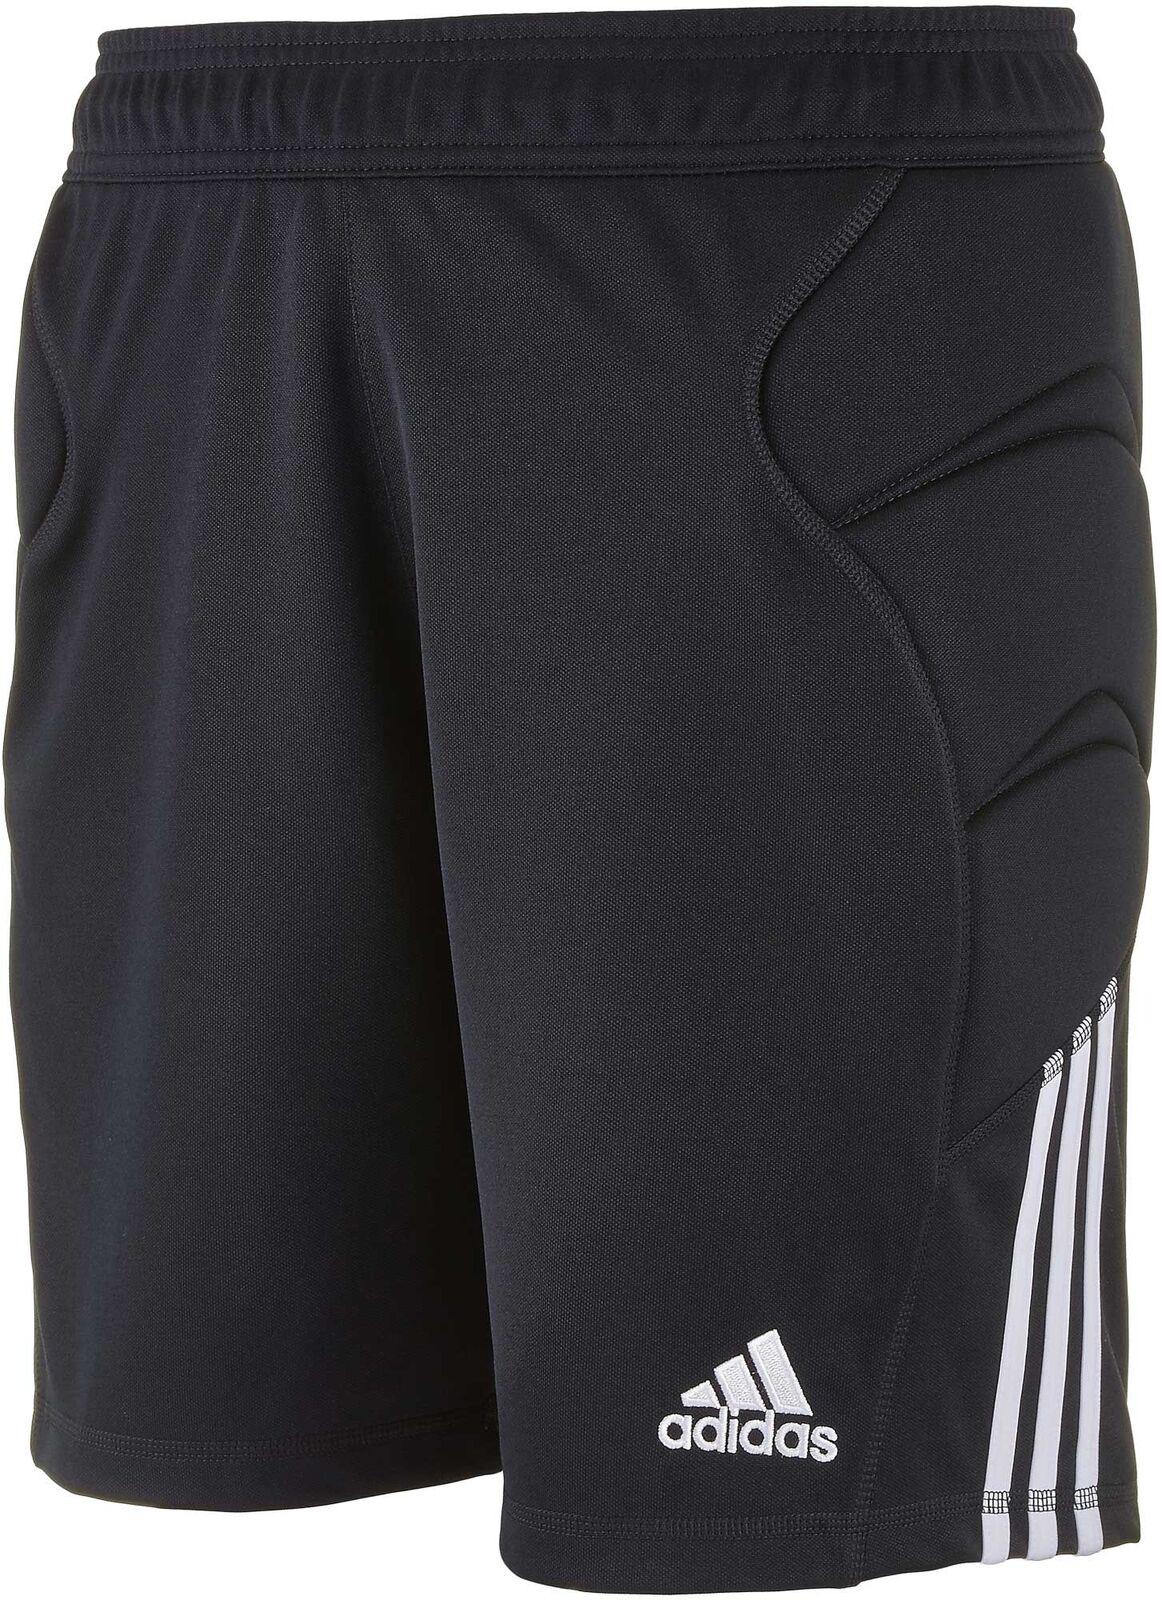 Short rembourré noir pour gardien de but Adidas Tierro 13 pour homme - Z11471